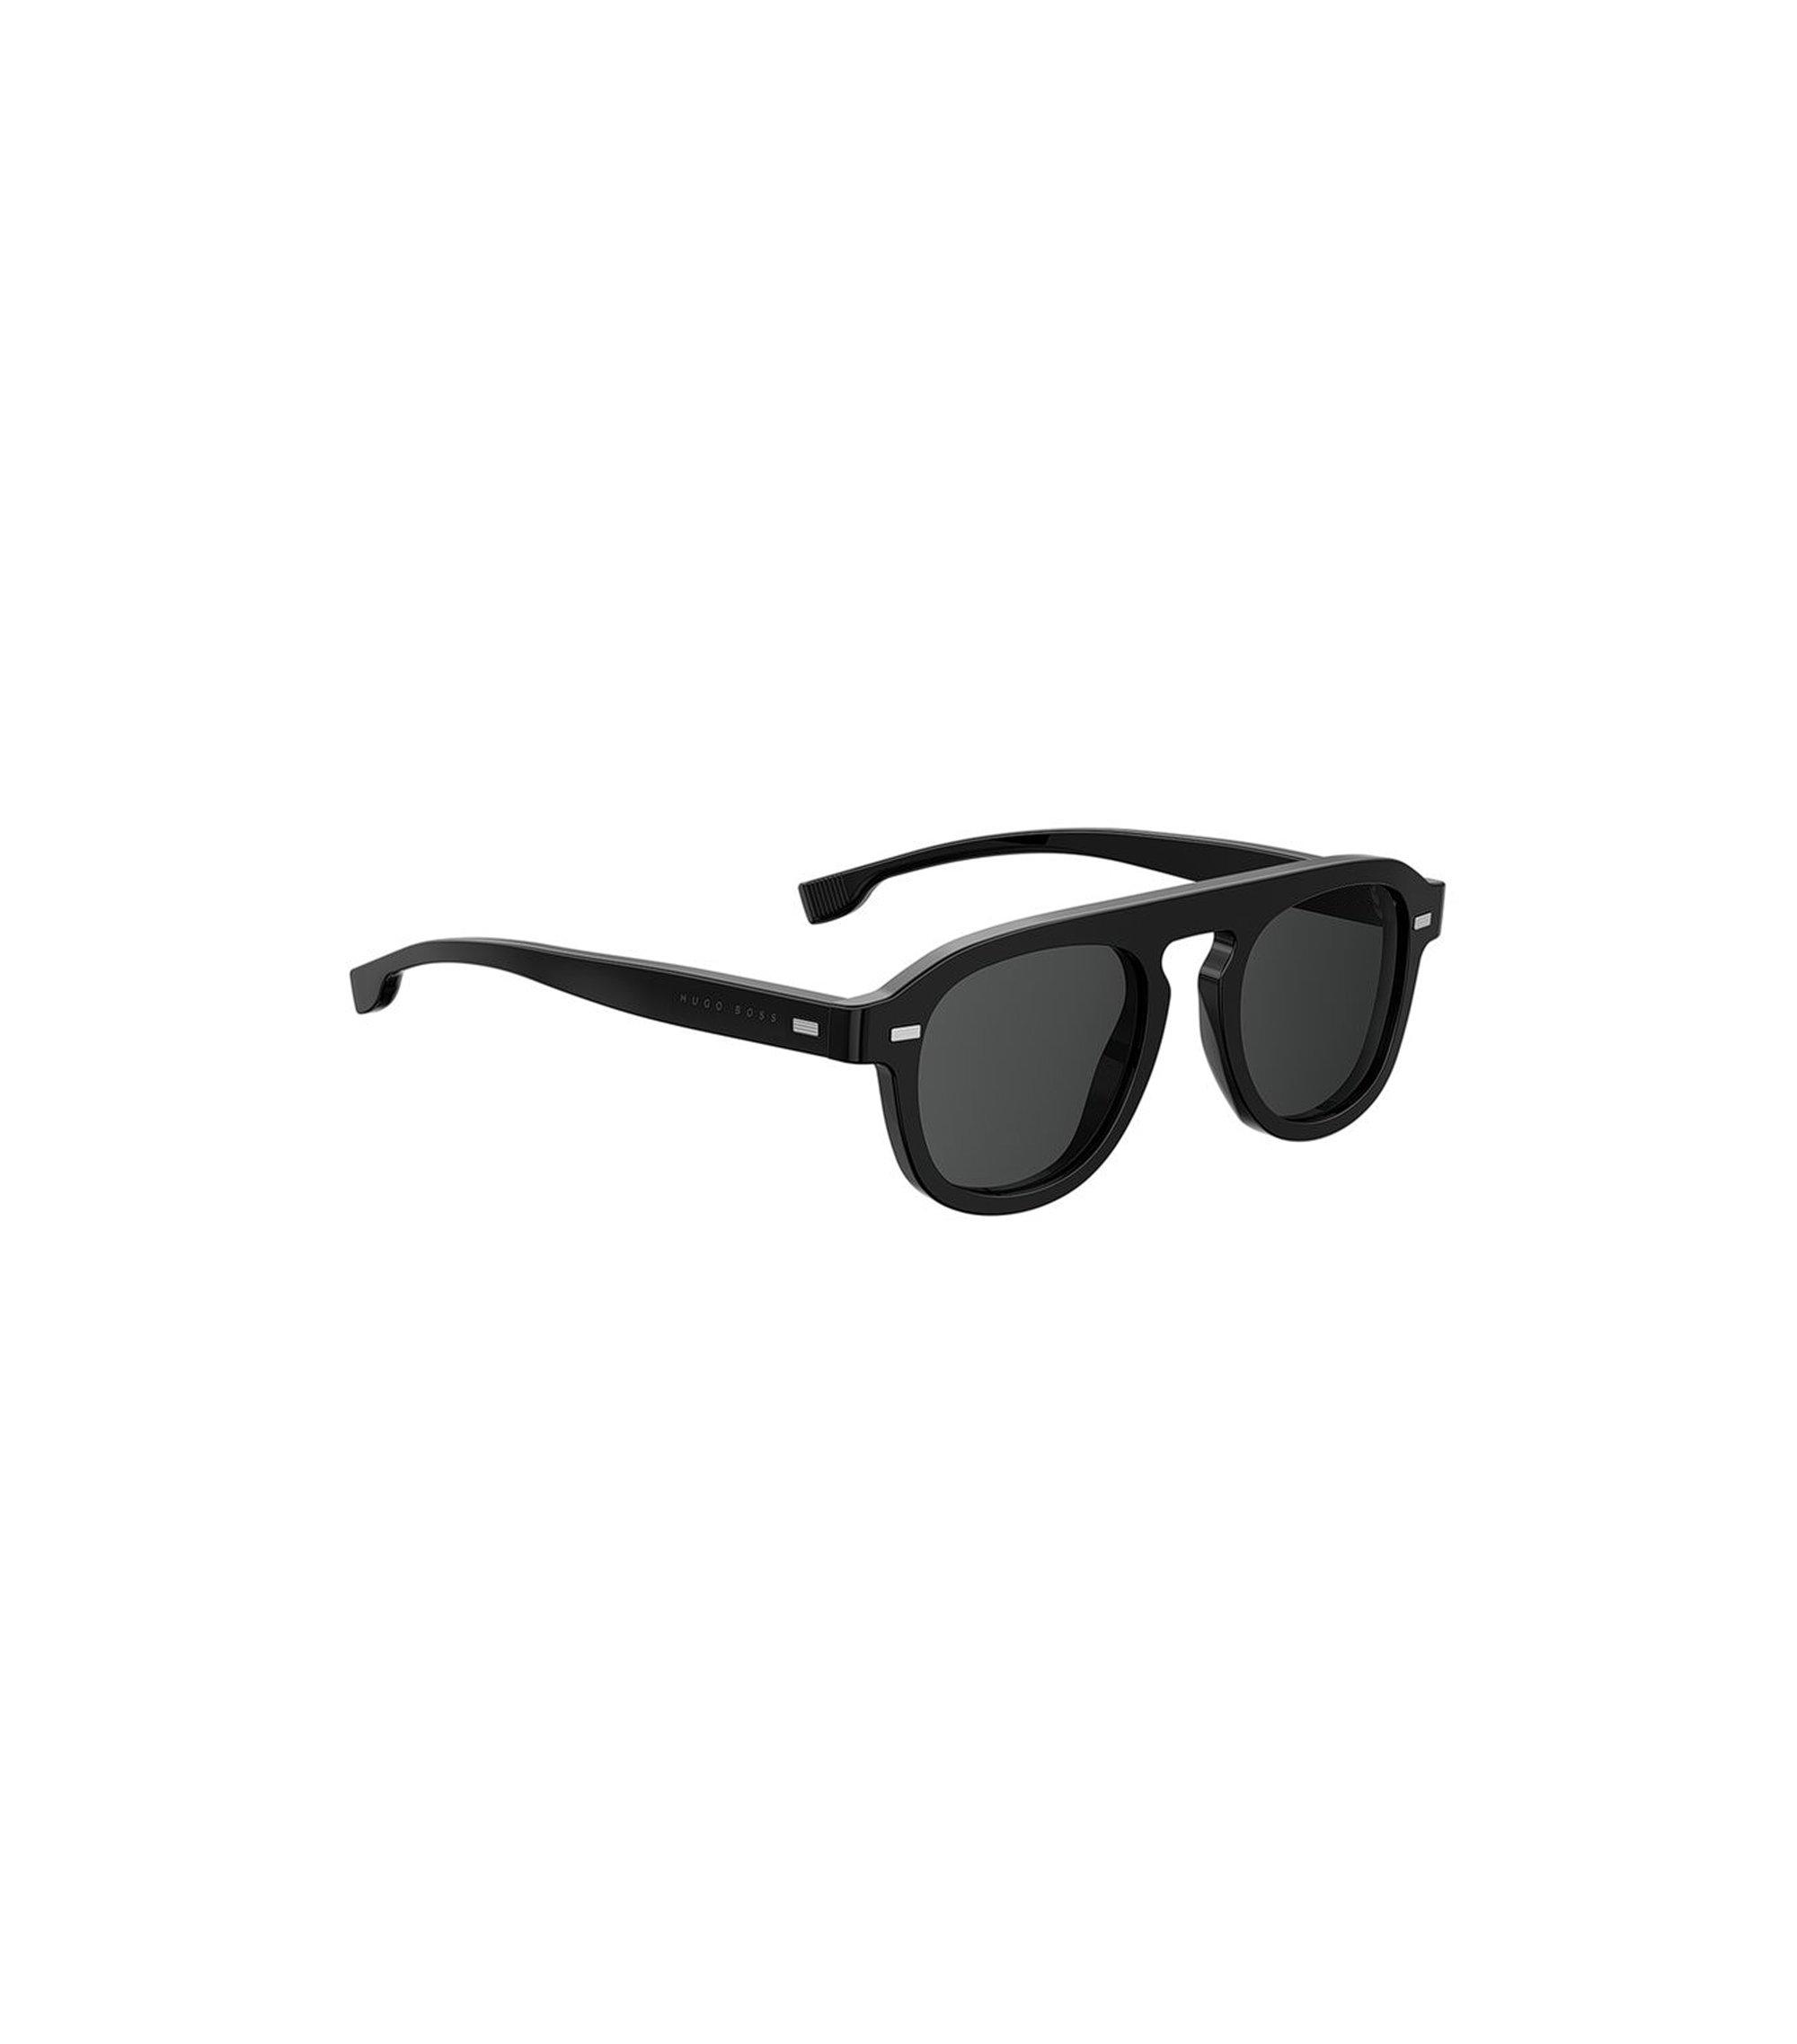 Schwarze Sonnenbrille aus Acetat im Vintage-Stil, Schwarz